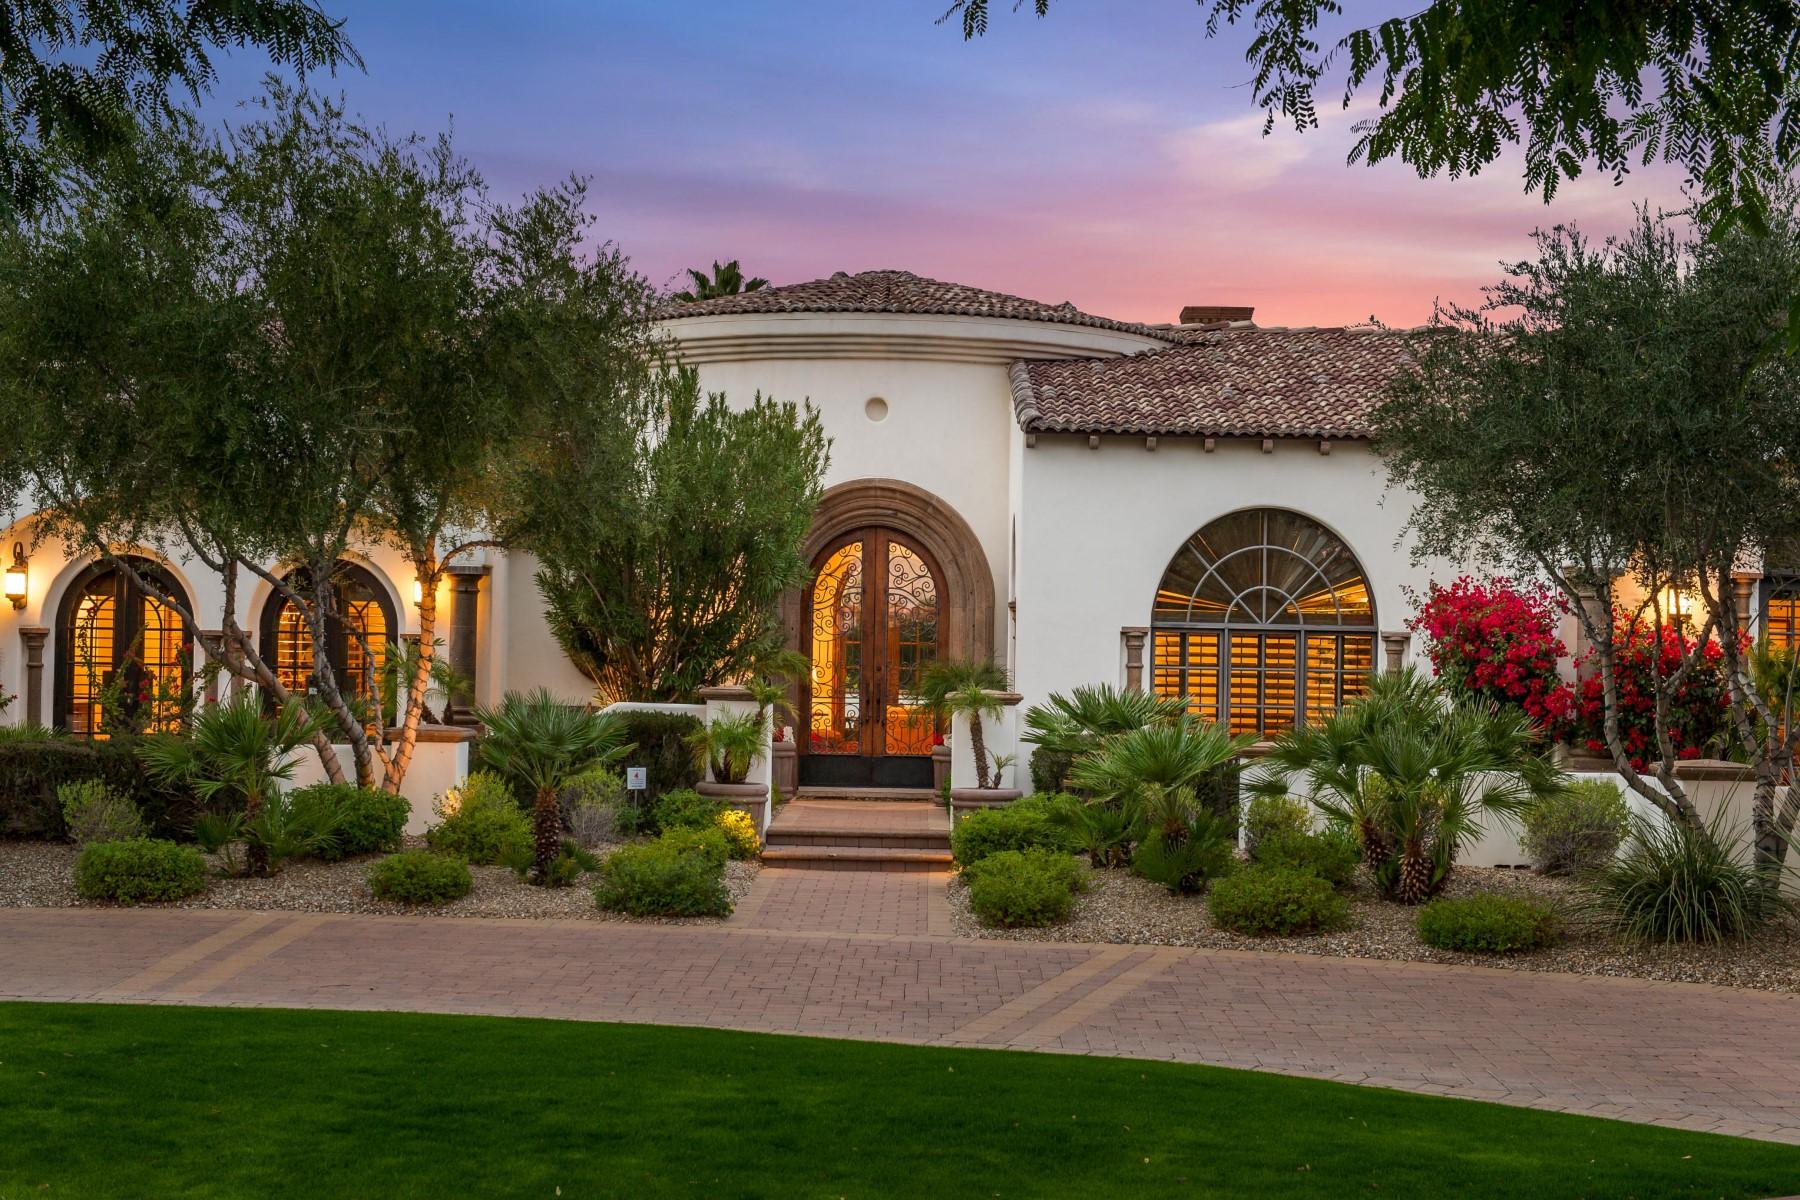 단독 가정 주택 용 매매 에 Timeless Santa Barbara masterpiece 6770 E Bluebird Ln Paradise Valley, 아리조나, 85253 미국